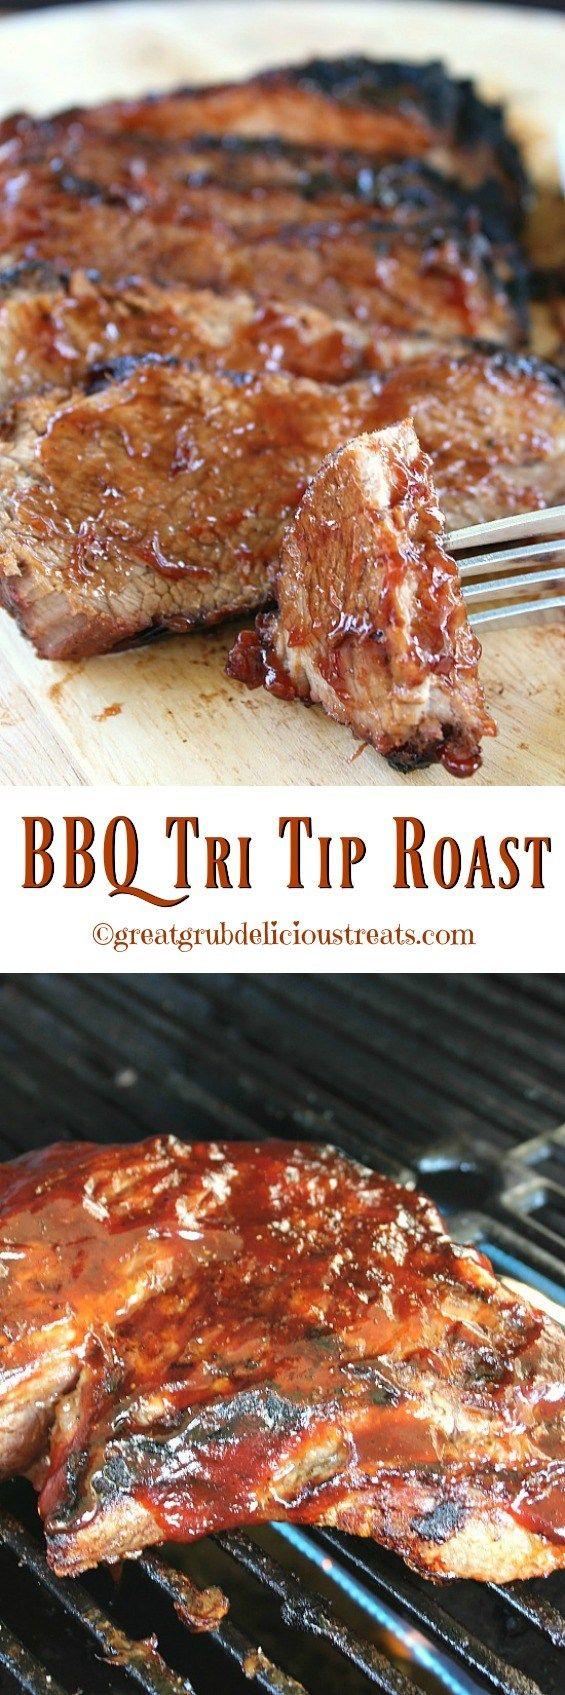 BBQ Tri Tip Roast